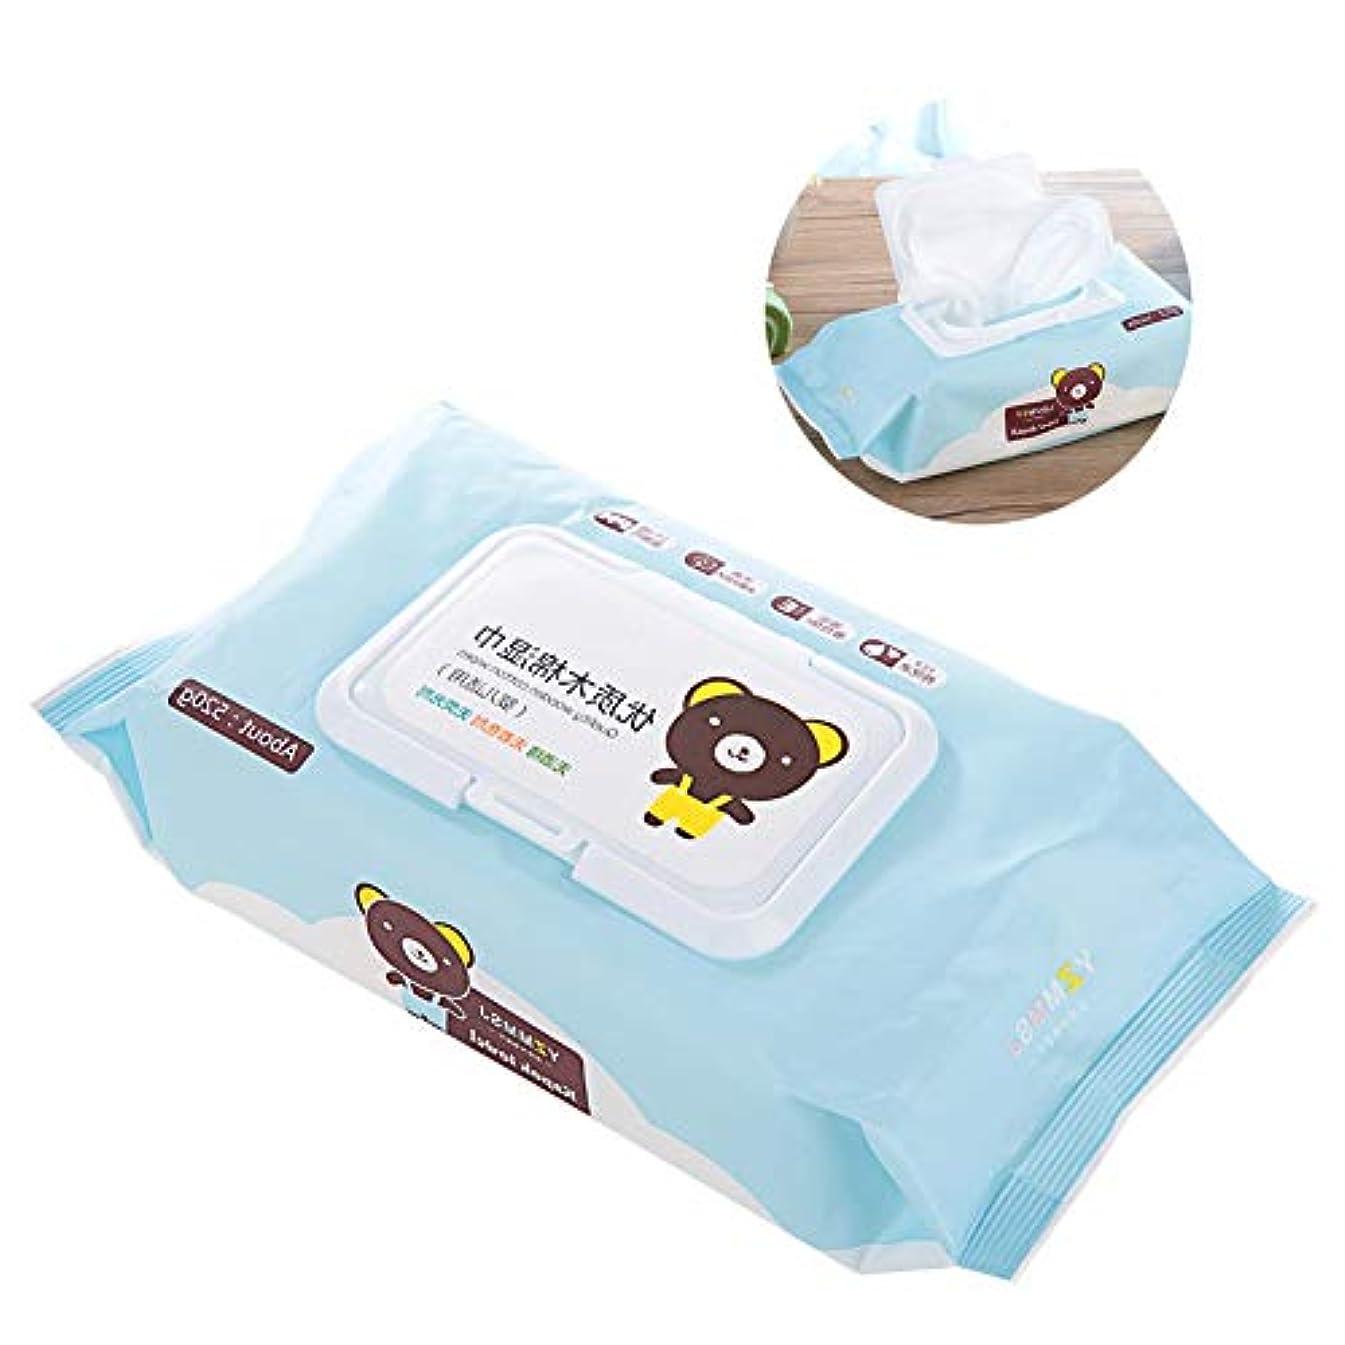 ブラウズテキスト調整可能Yuyte 80個の柔らかい使い捨て可能なウェットワイプ赤ちゃん幼児クリーニング口手のティッシュ(02)